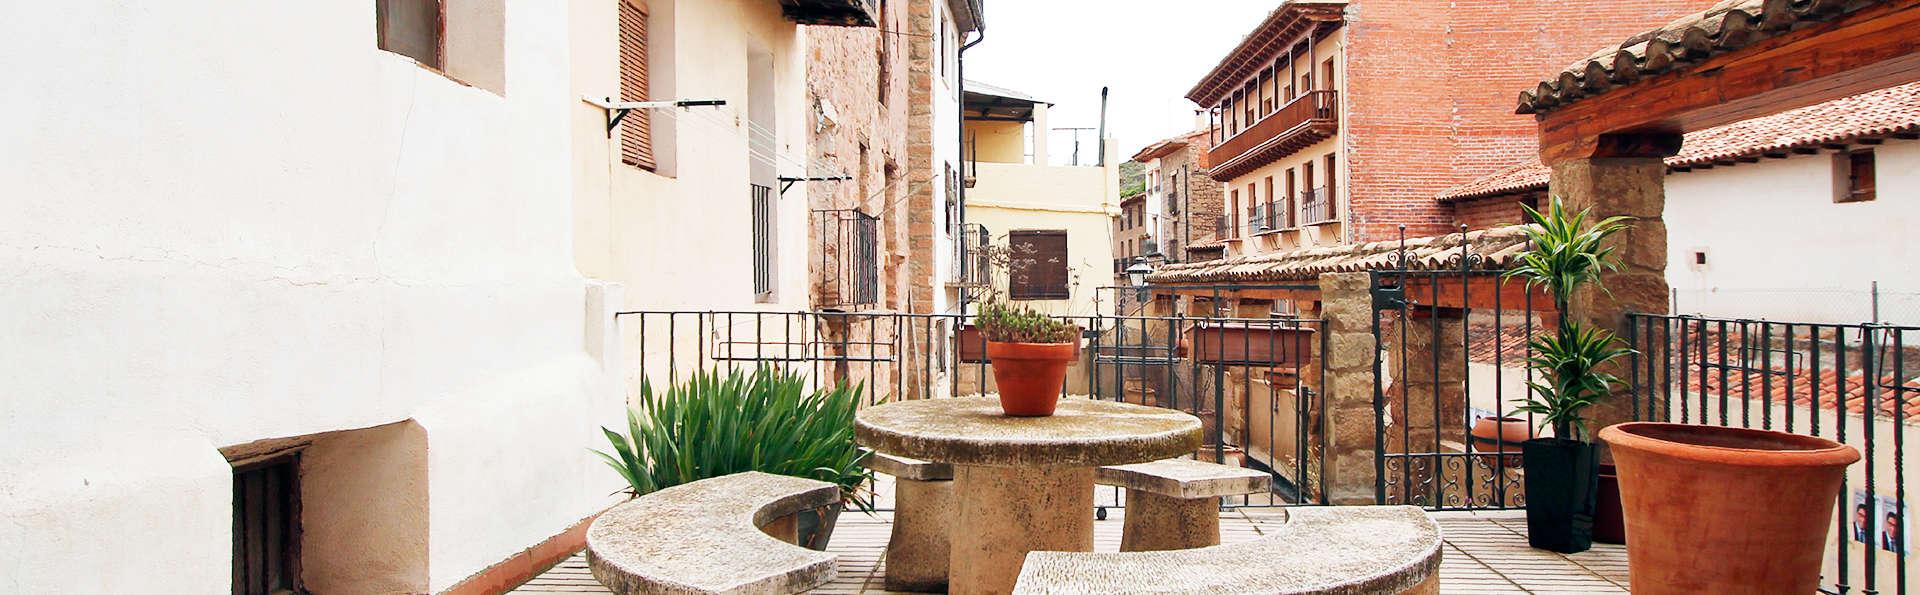 Hotel Jaime I (Mora de Rubielos) - EDIT_ext1.jpg